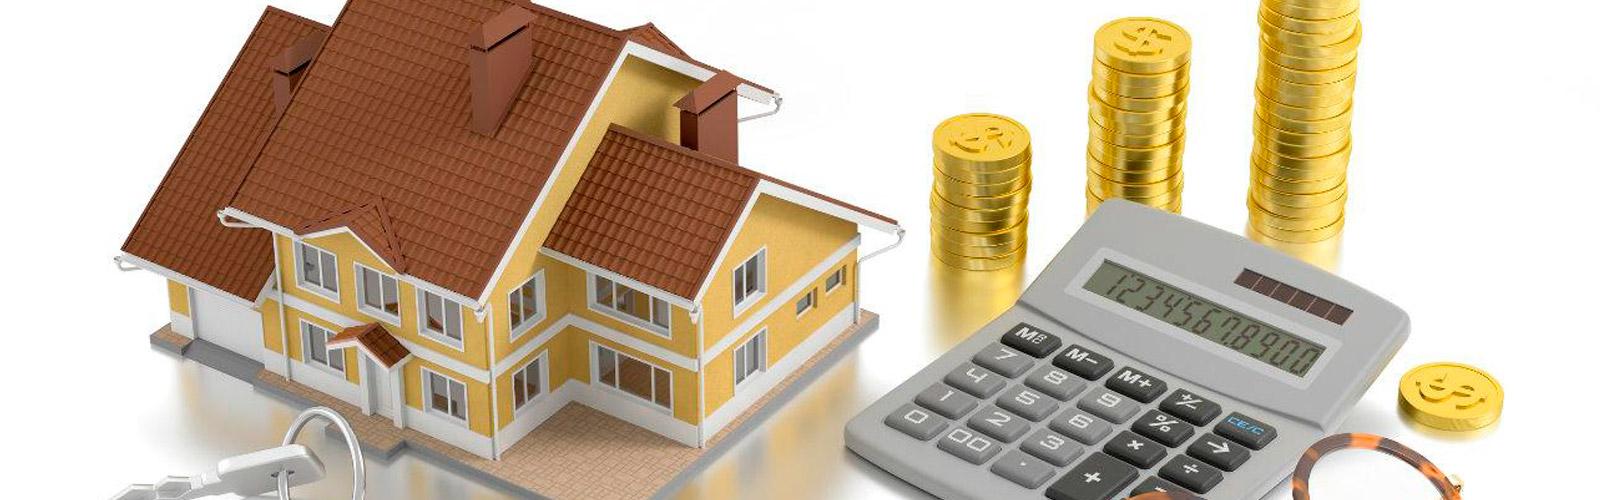 Beneficios del saneamiento físico legal inmobiliario - DerechoInmobiliario.pe